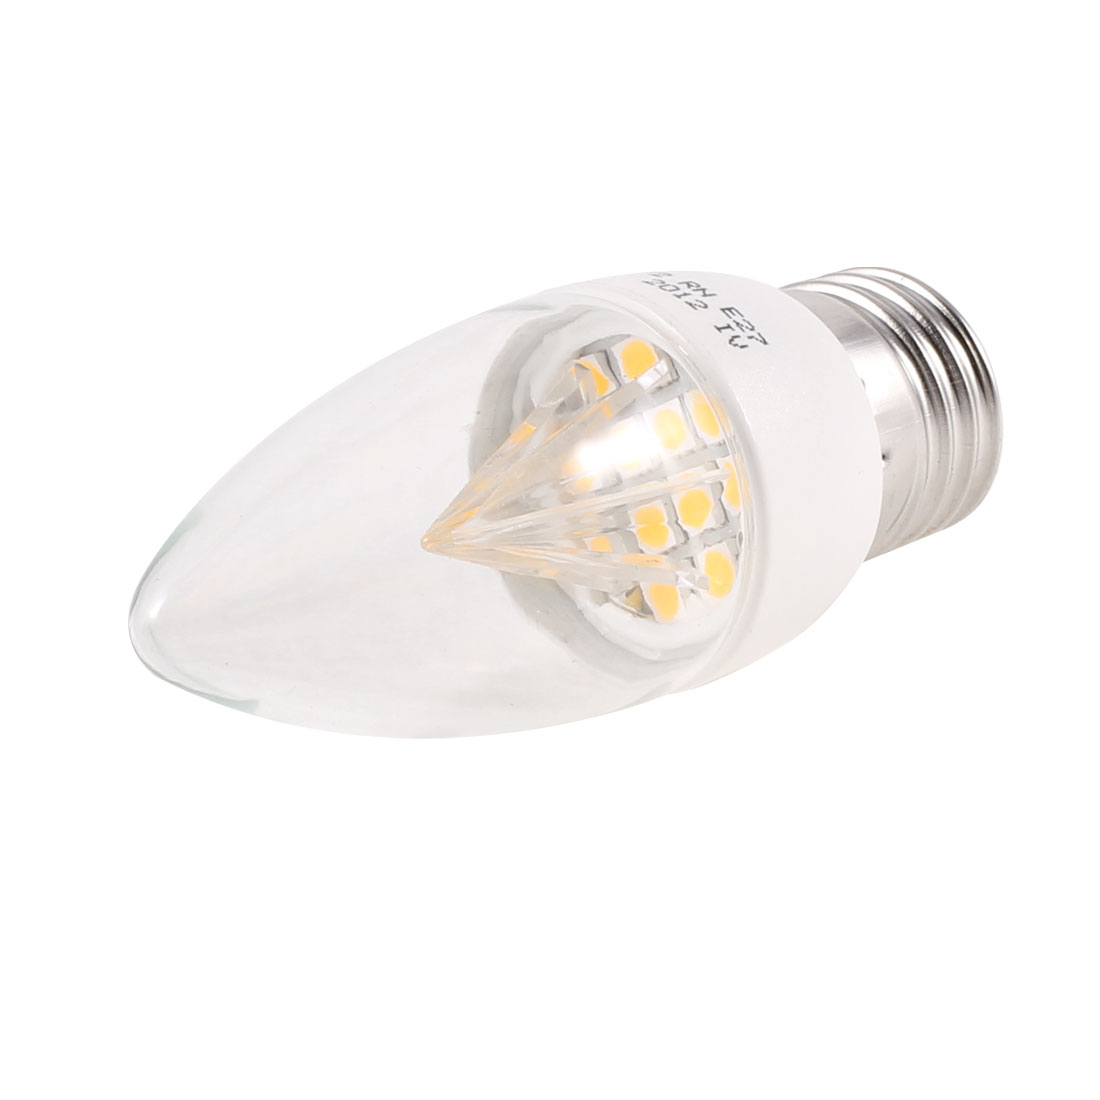 E27 Socket Yellow 12 LEDs Light Candle Bulb Lamp 2W AC 220V 3000K